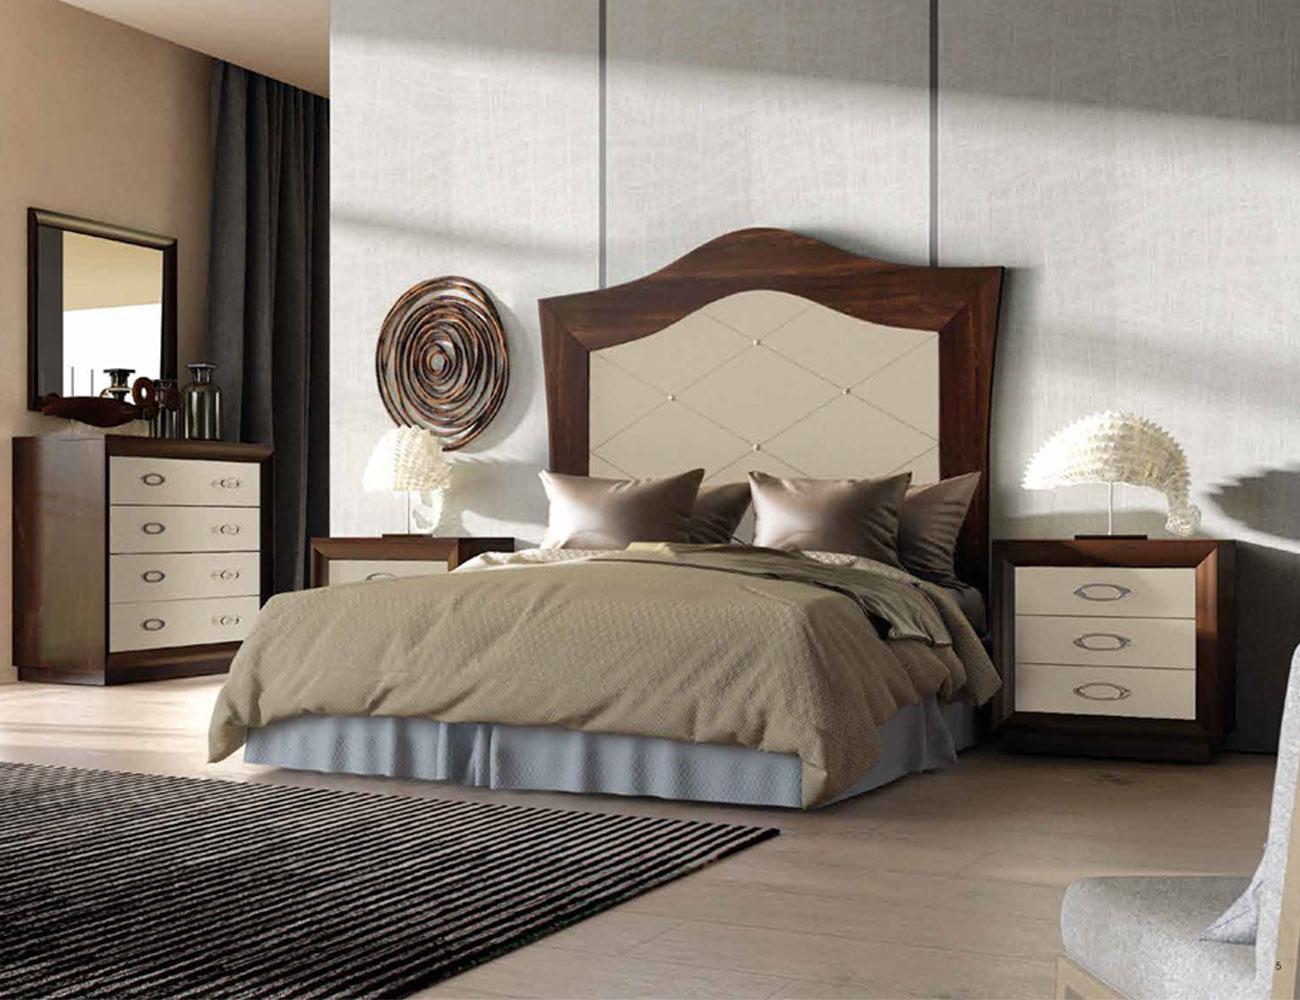 002 dormitorio matrimonio cabecero alto nogal frentes champagne zocalo